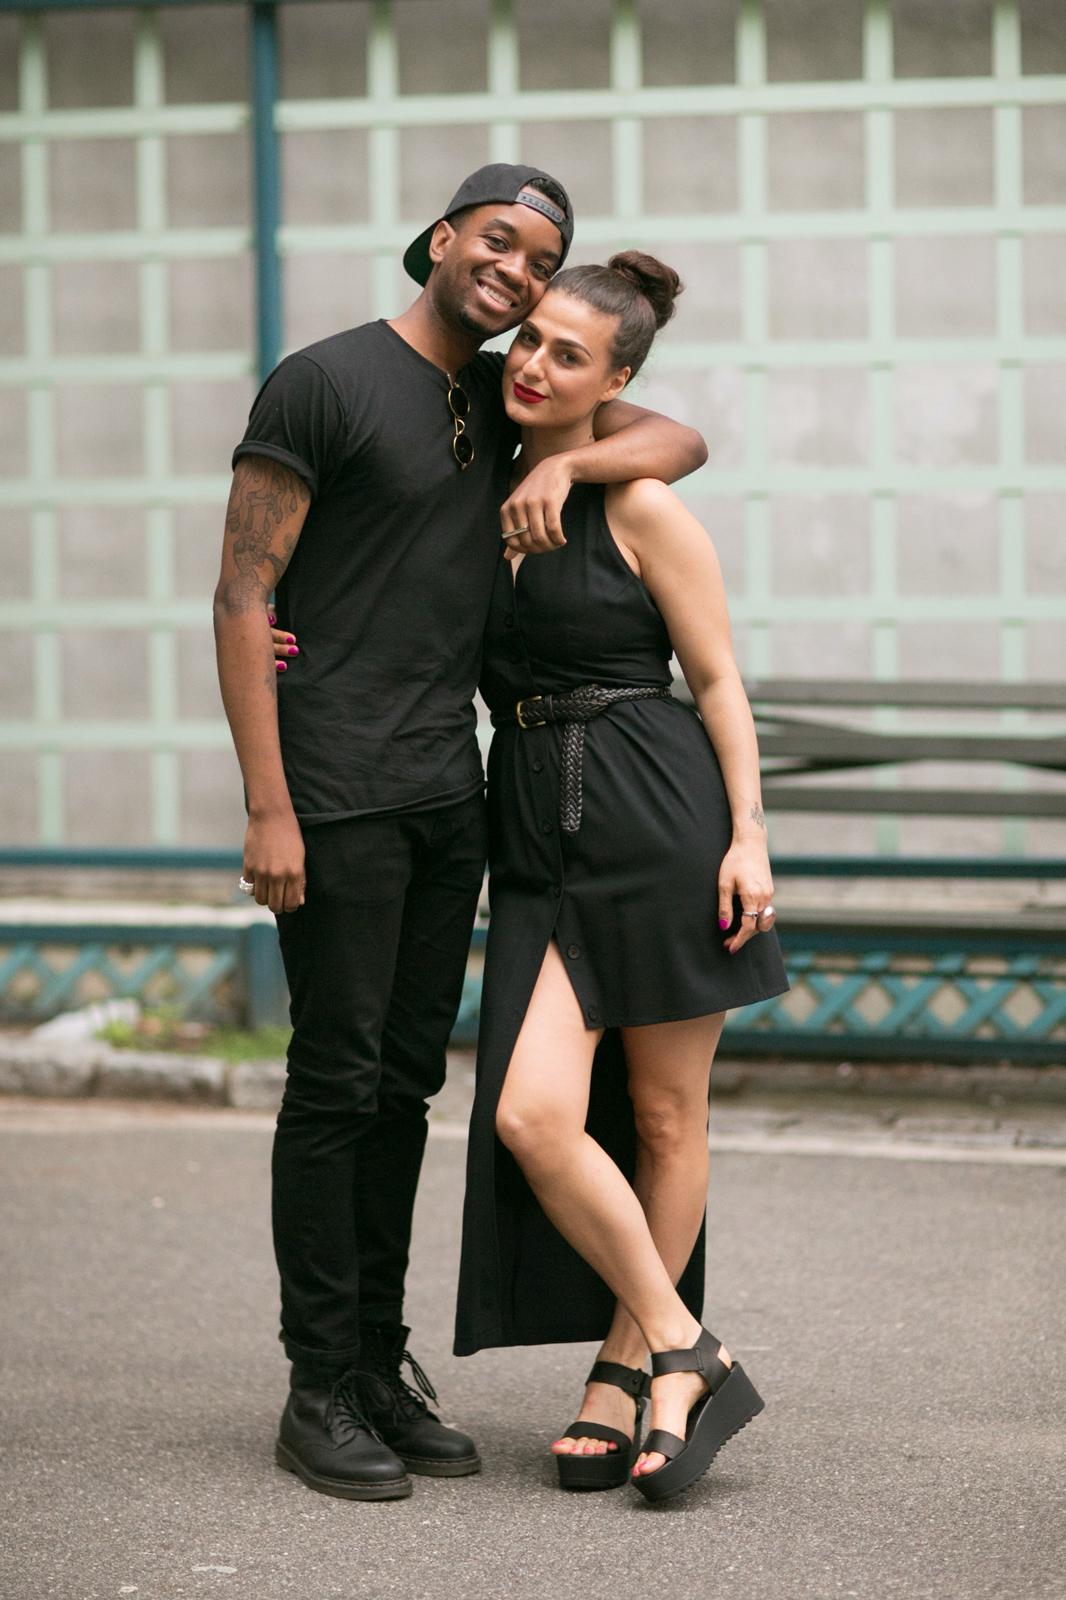 dominguez-black-asian-couples-kombat